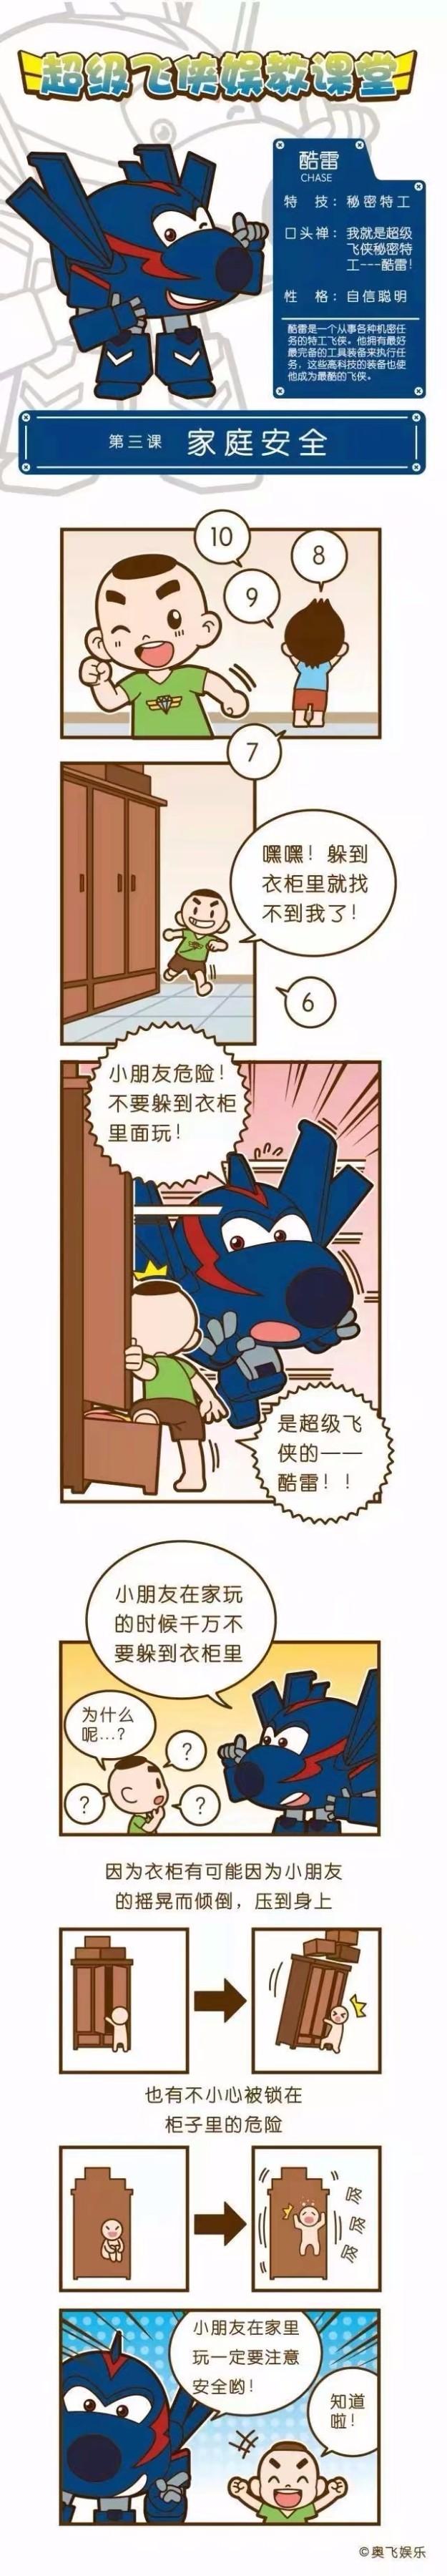 【超级飞侠】酷雷的娱教课堂第三课:家庭安全